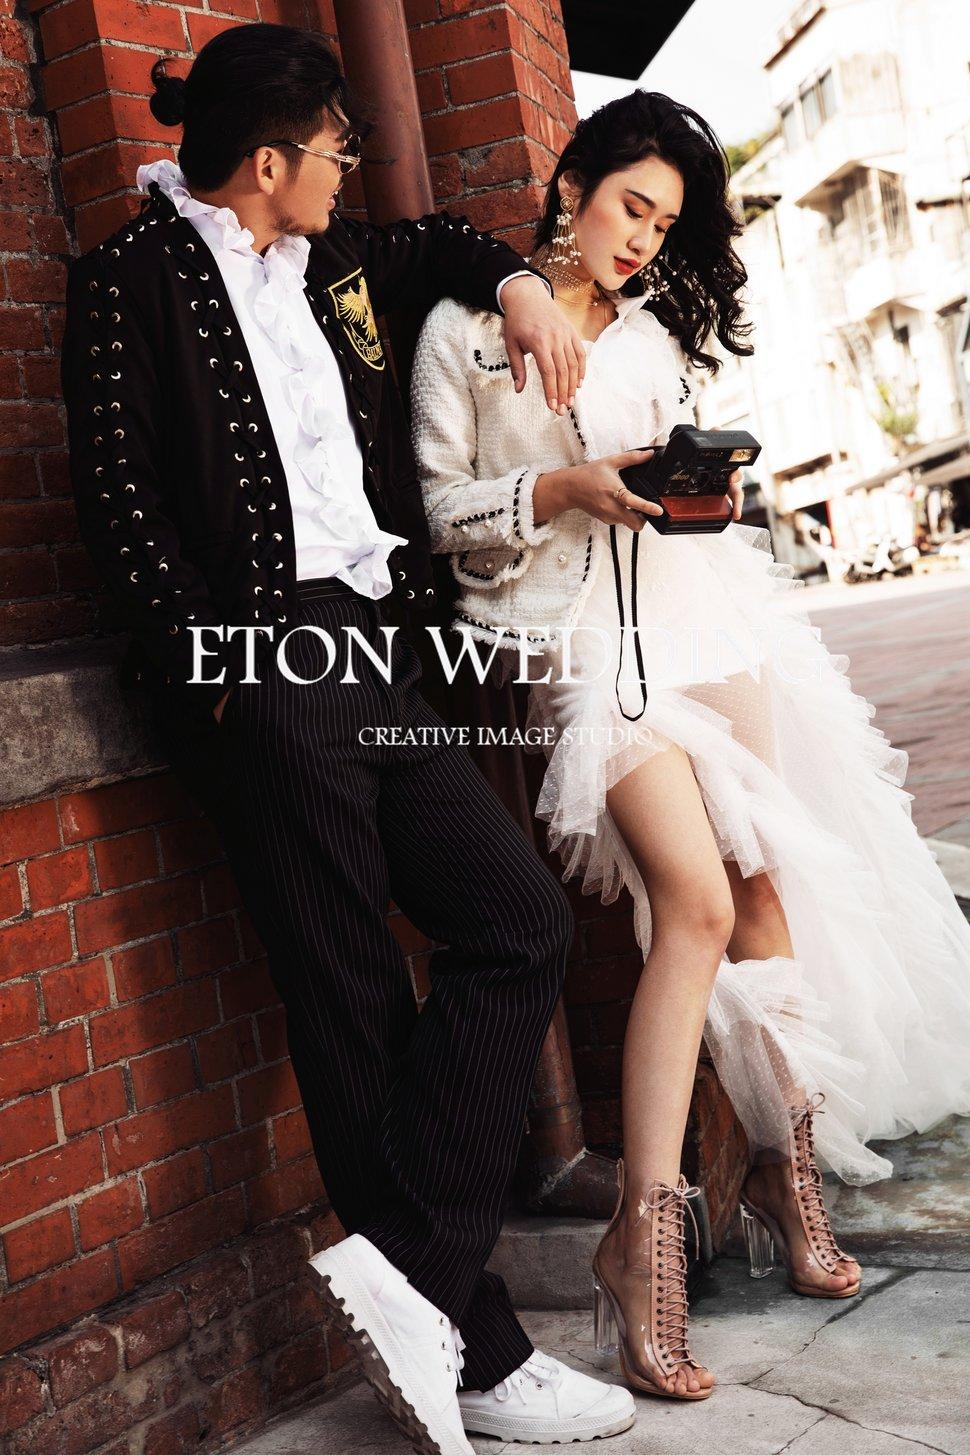 婚紗攝影推薦,伊頓自助婚紗 (4) - 伊頓自助婚紗攝影工作室(台北西門店)《結婚吧》